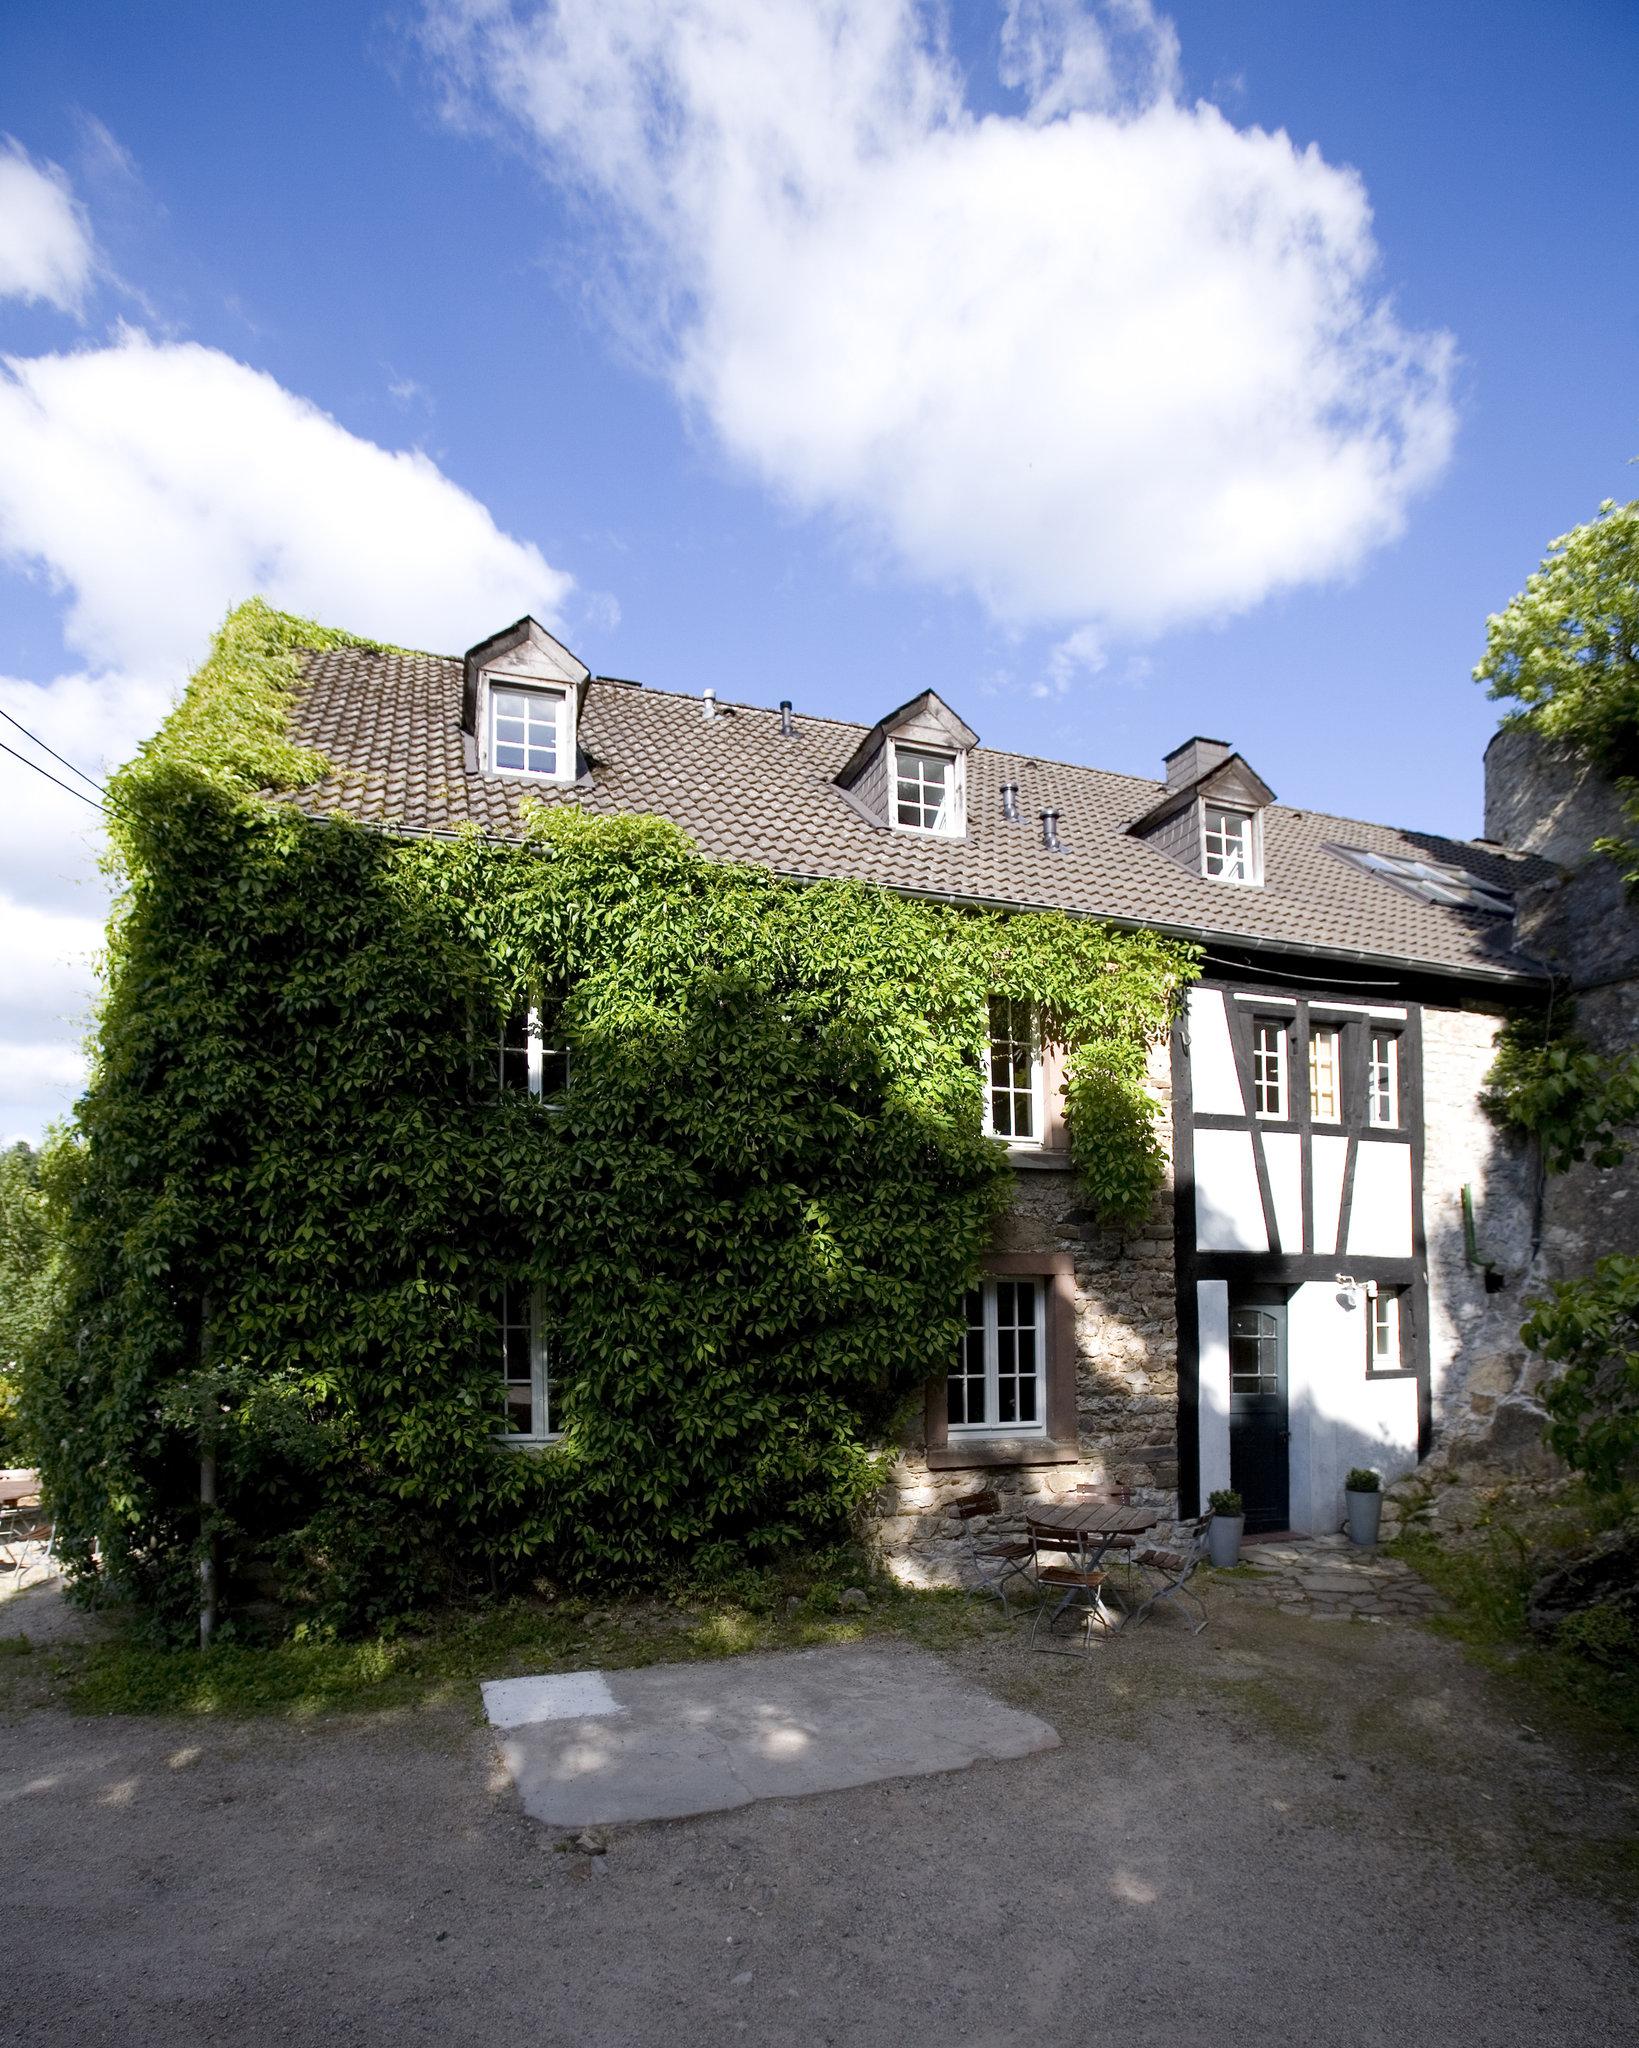 Gleich neben der Burg gibt es hübsche Ferienwohnungen (Foto:DJH Rheinland e.V.)